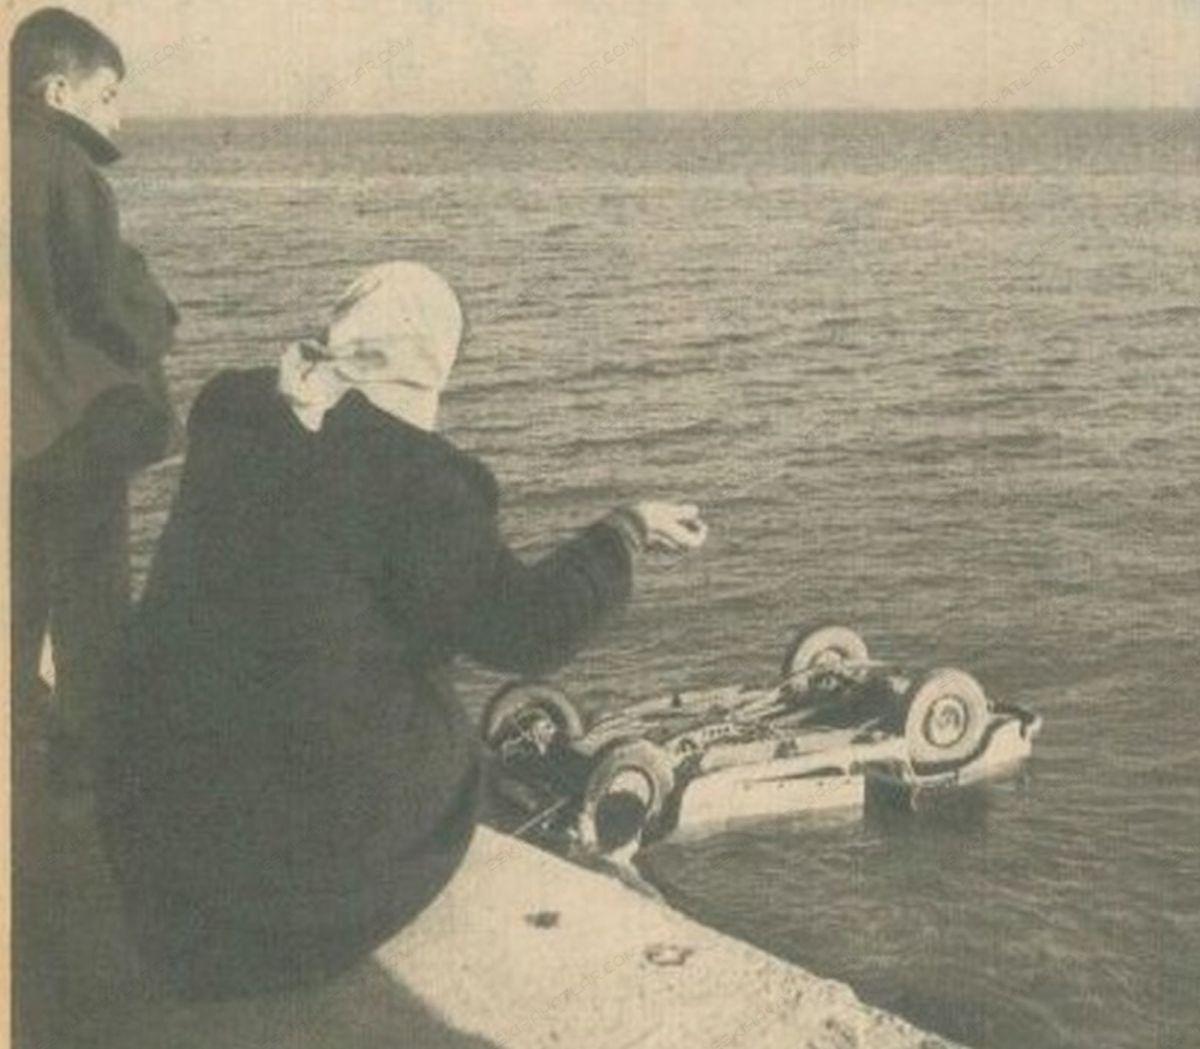 0263-altmisli-yillarda-istanbul-trafigi-1965-hayat-dergisi (2)